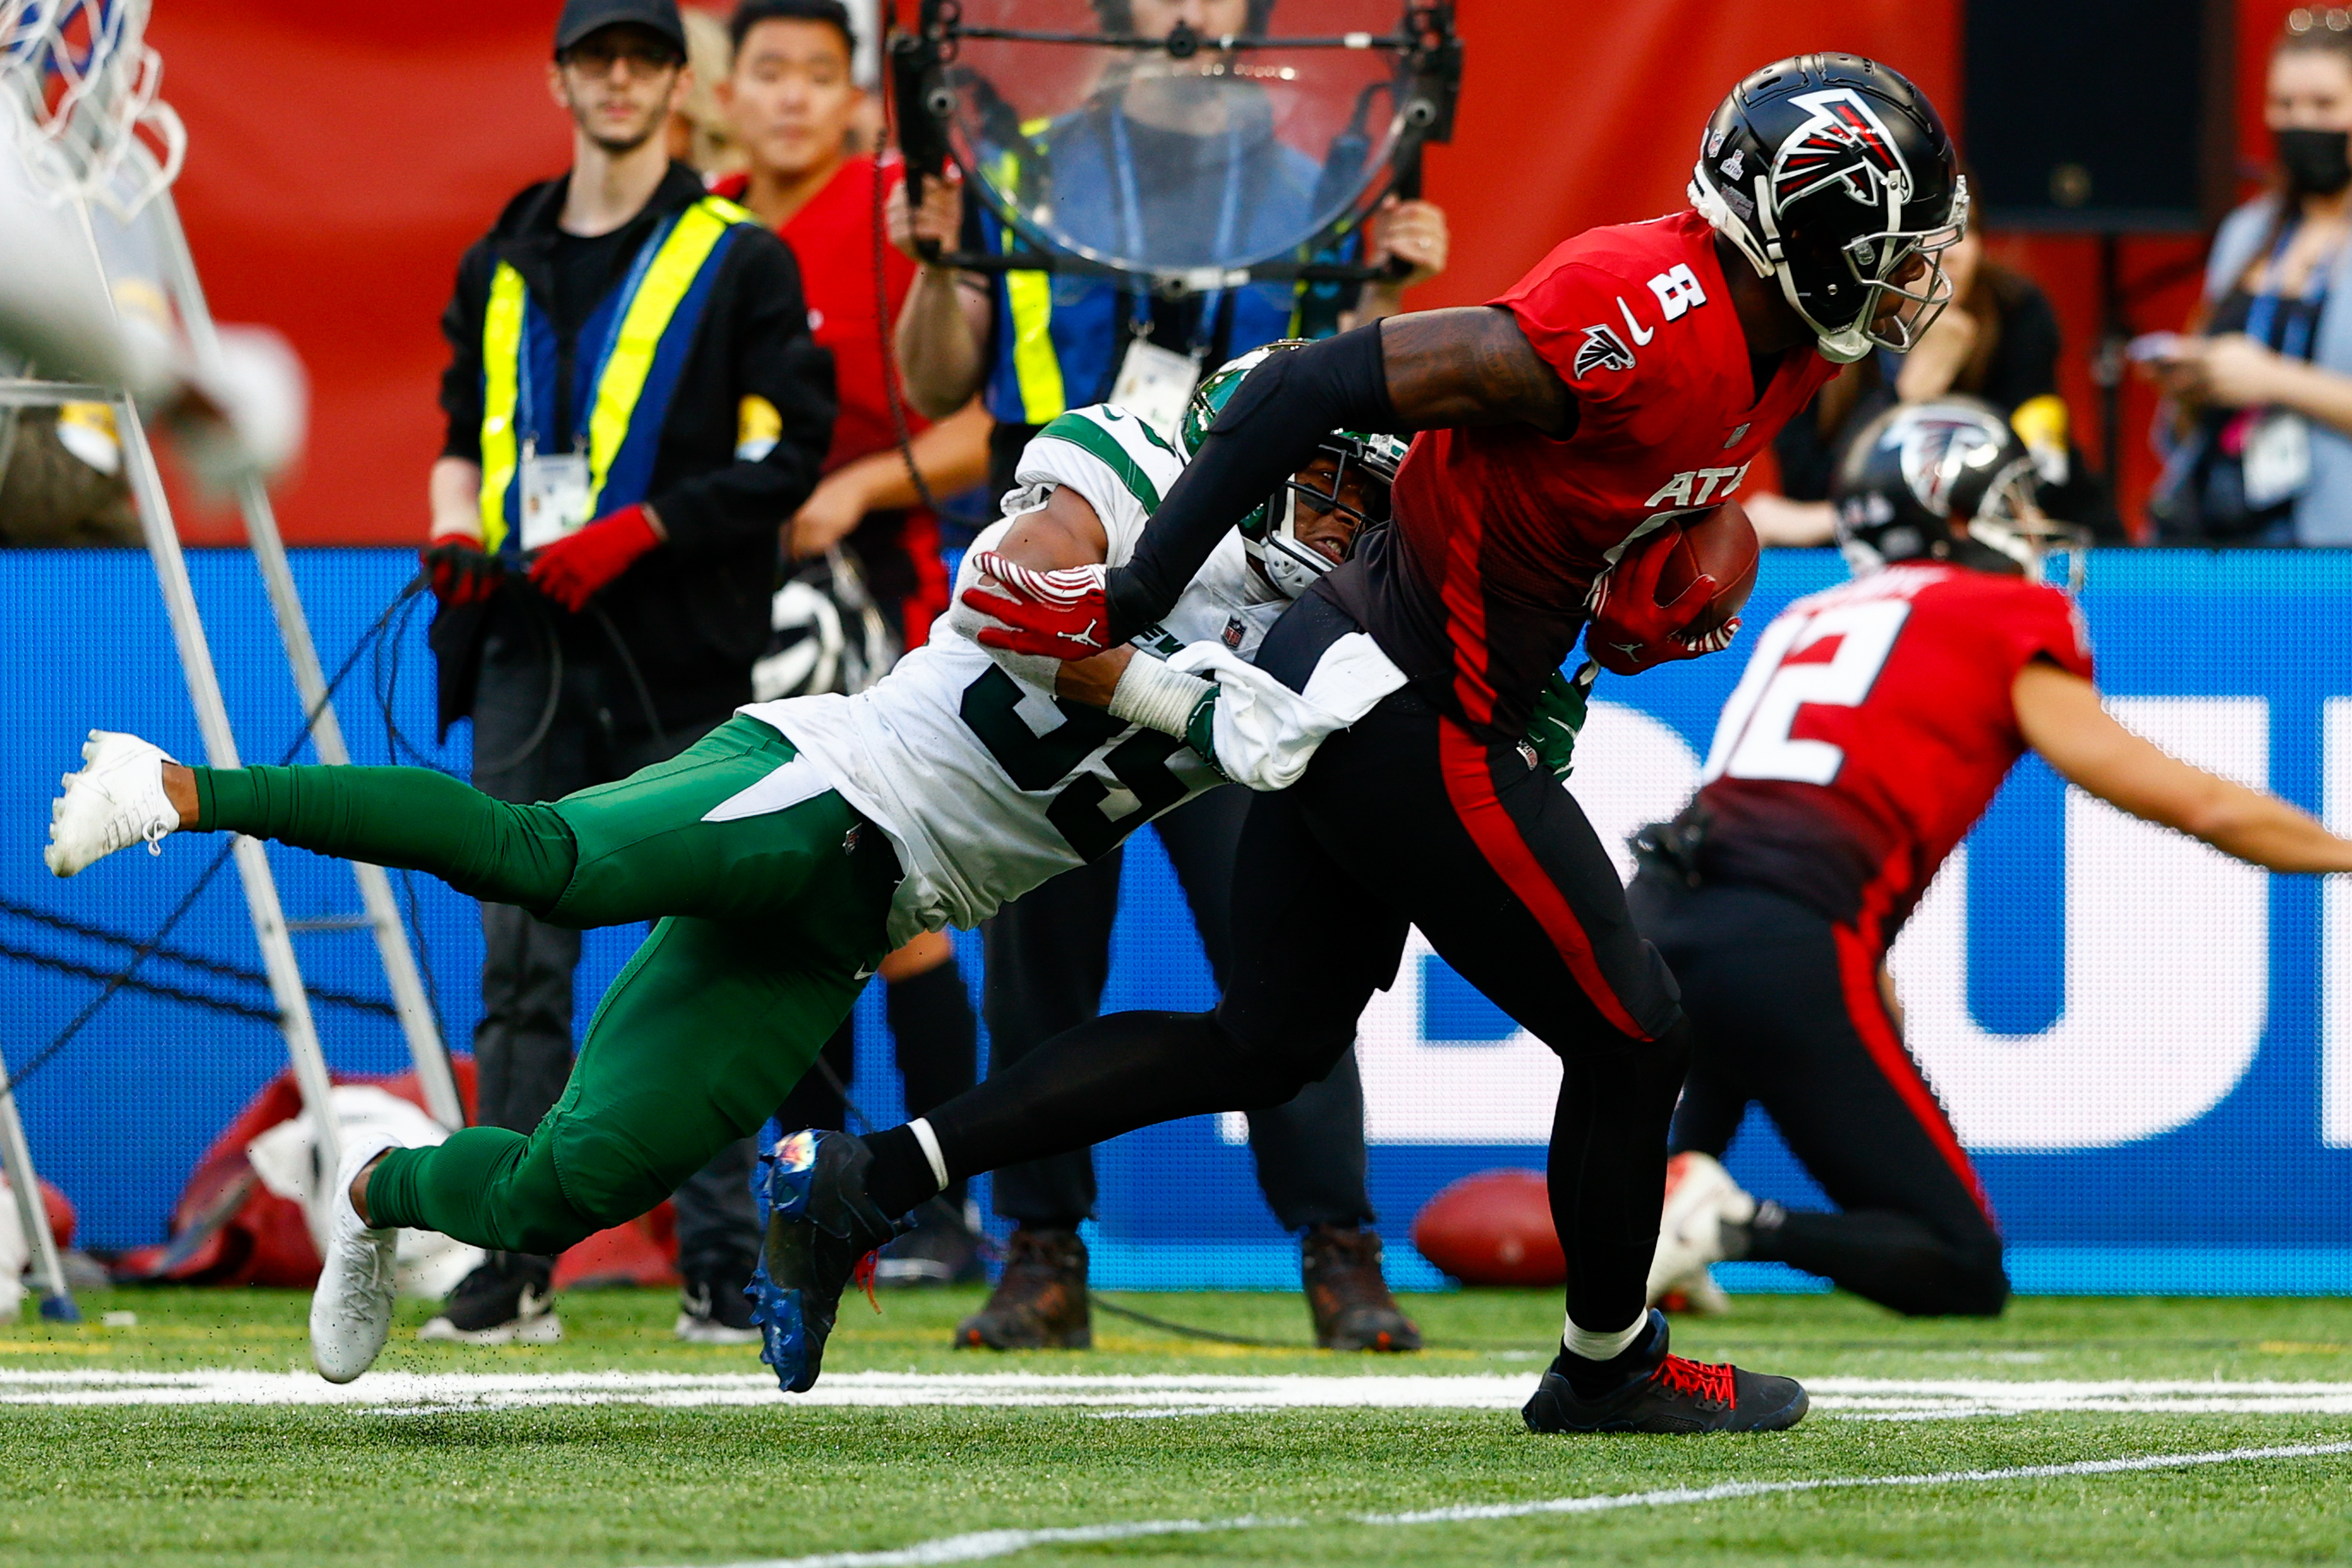 NFL: London Games-New York Jets at Atlanta Falcons